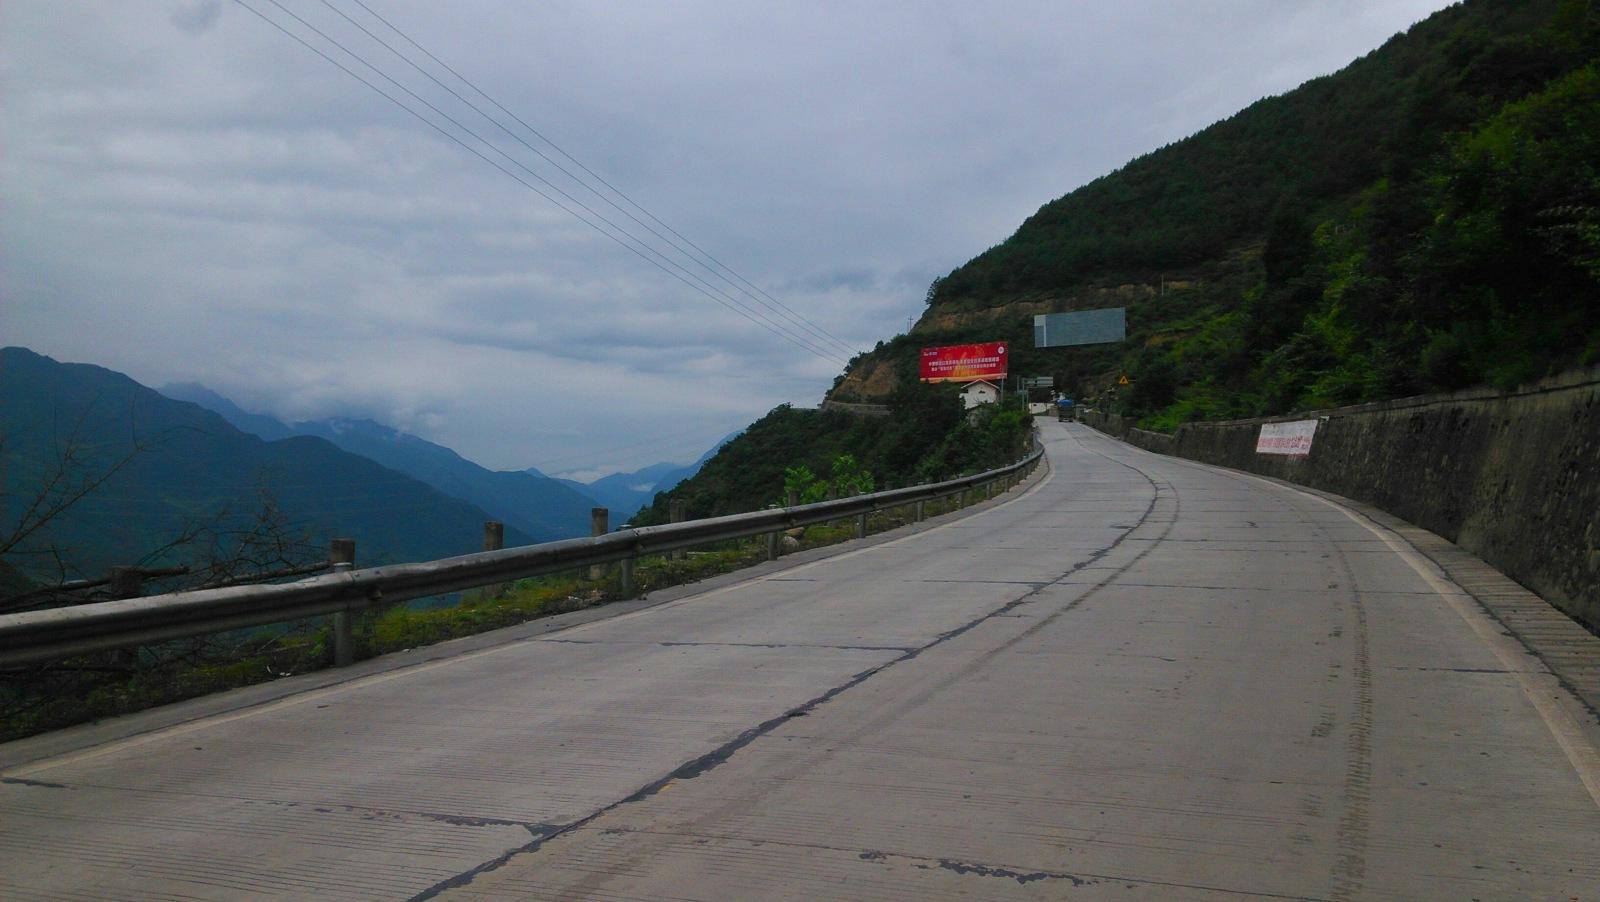 其实我以为过了二郎山隧道就全部是下坡的,没想到又是上坡……希望不要太长:-)